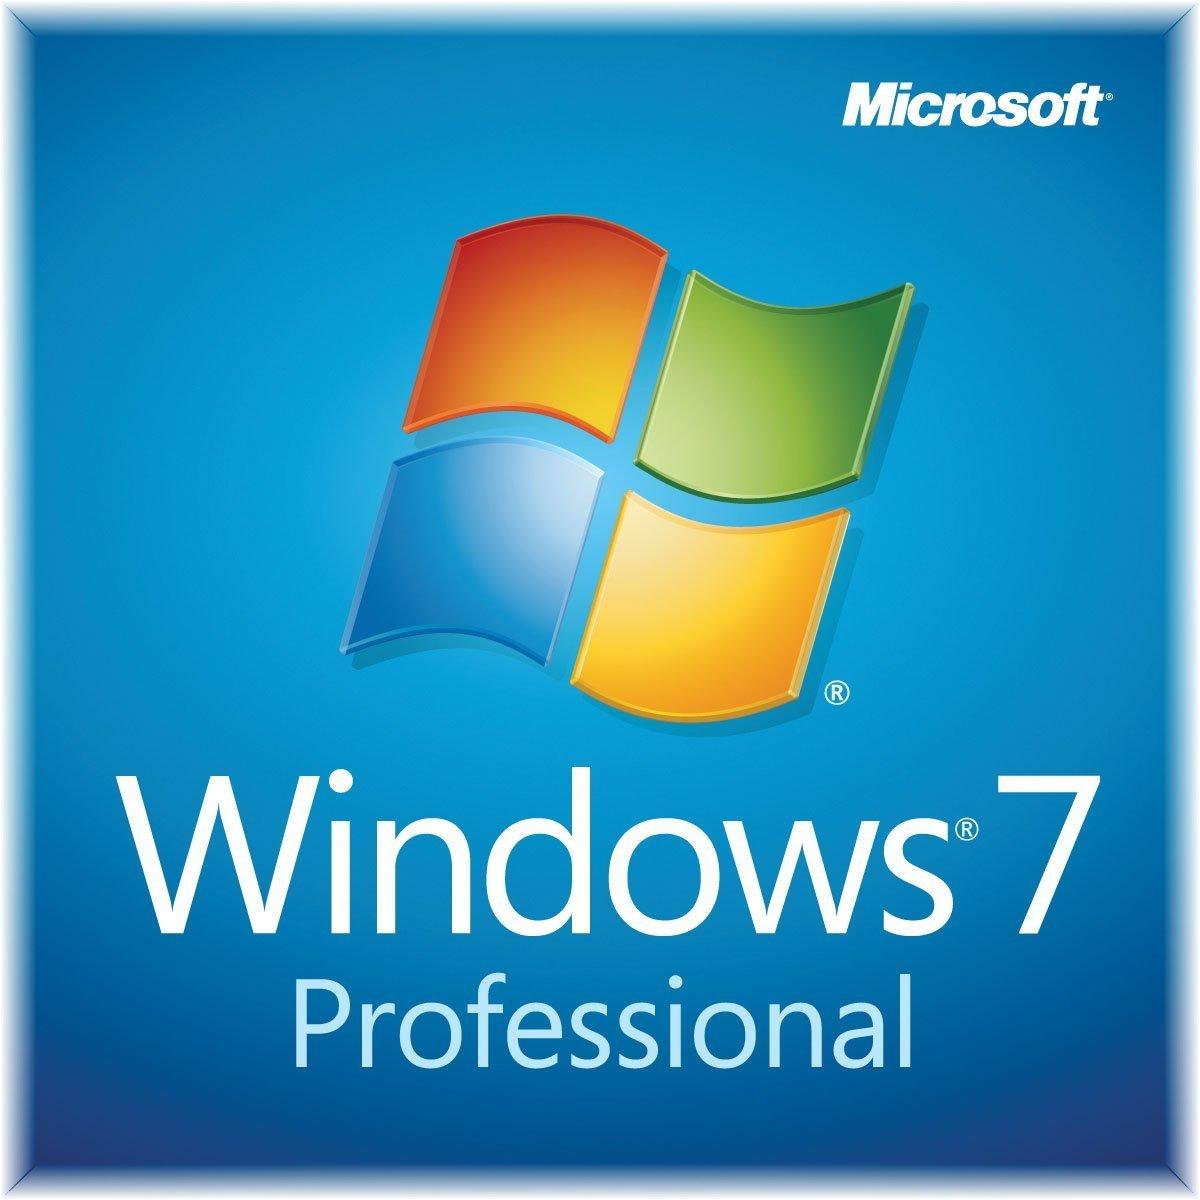 Microsoft Windows 7 Pro (64bit)